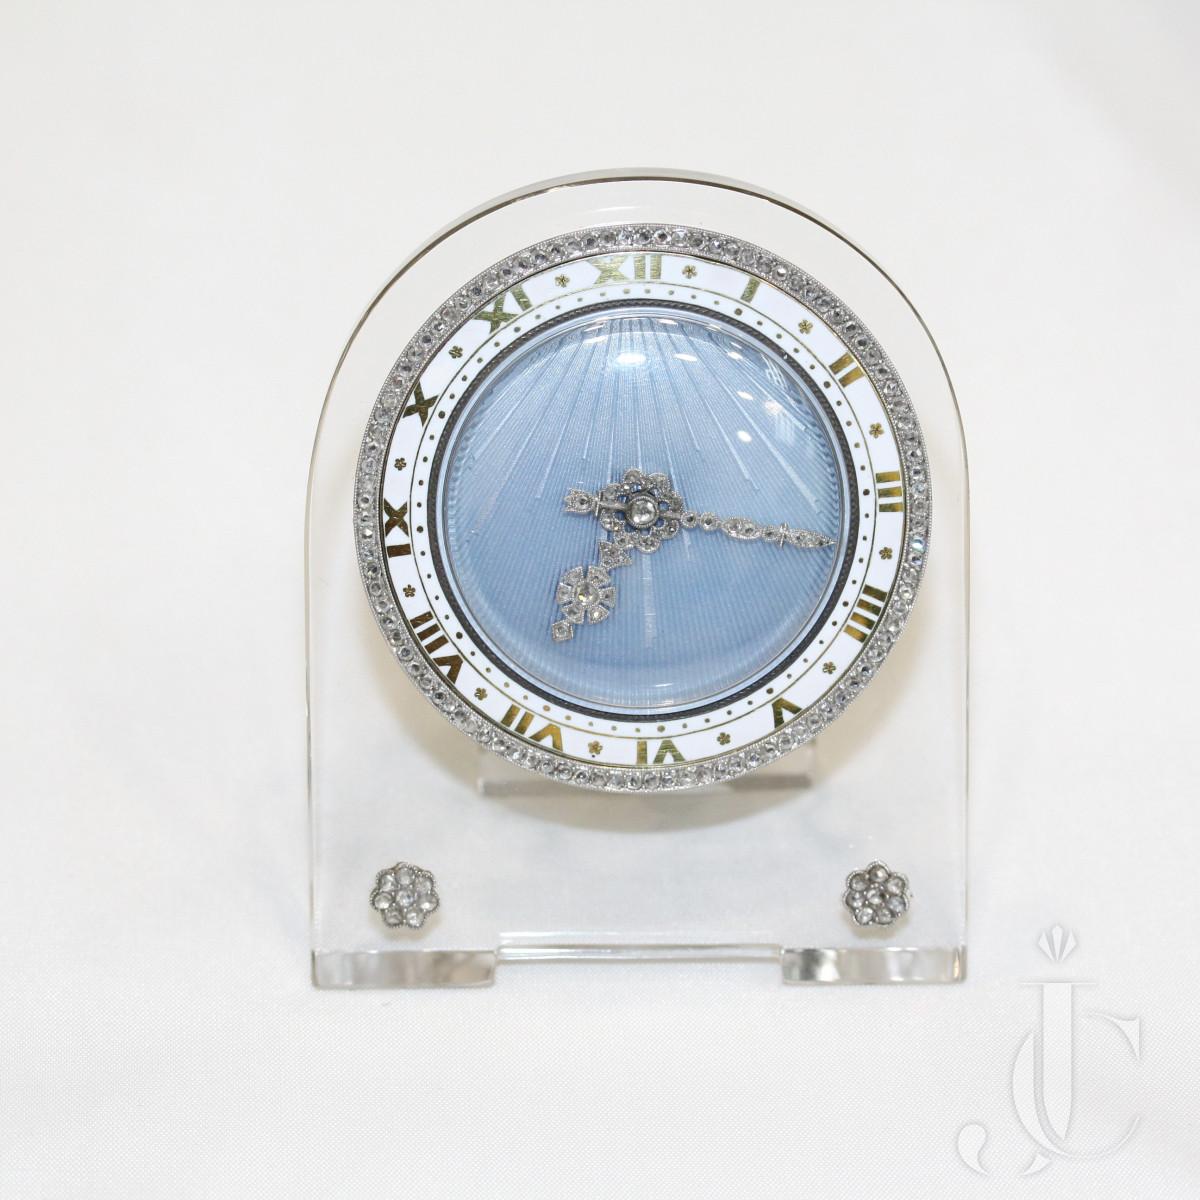 A rock crystal blue enamel clock by Cartier